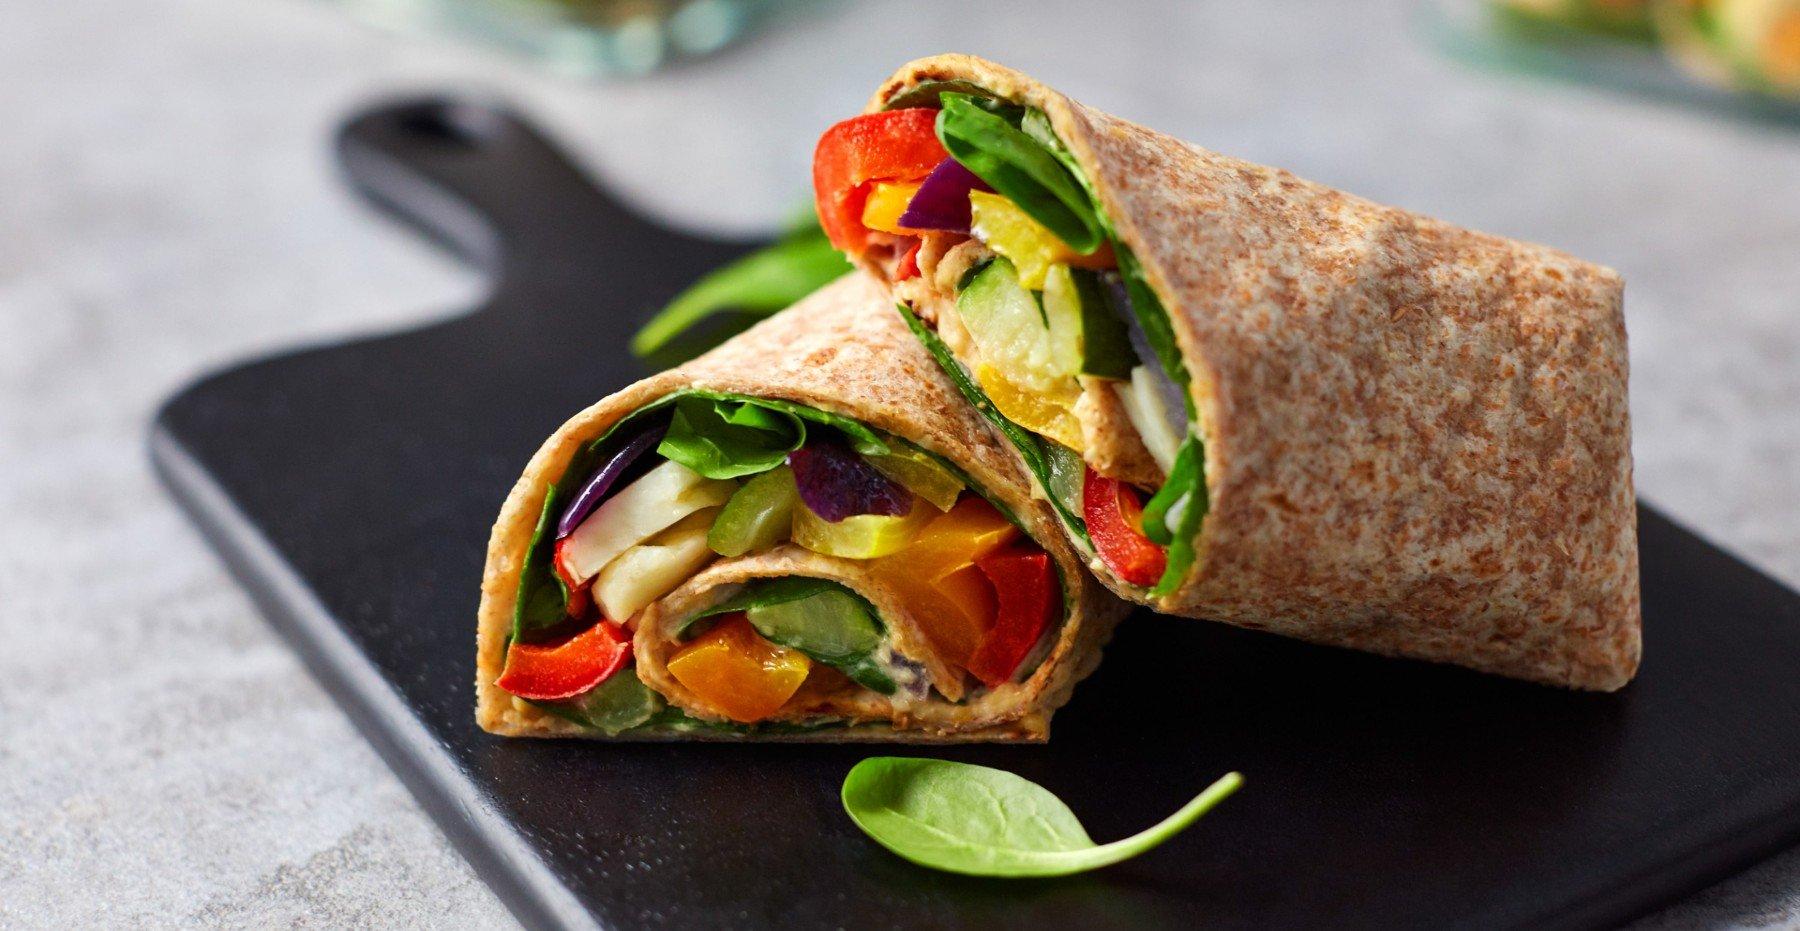 Wraps à l'halloumi grillé – Repas équilibré